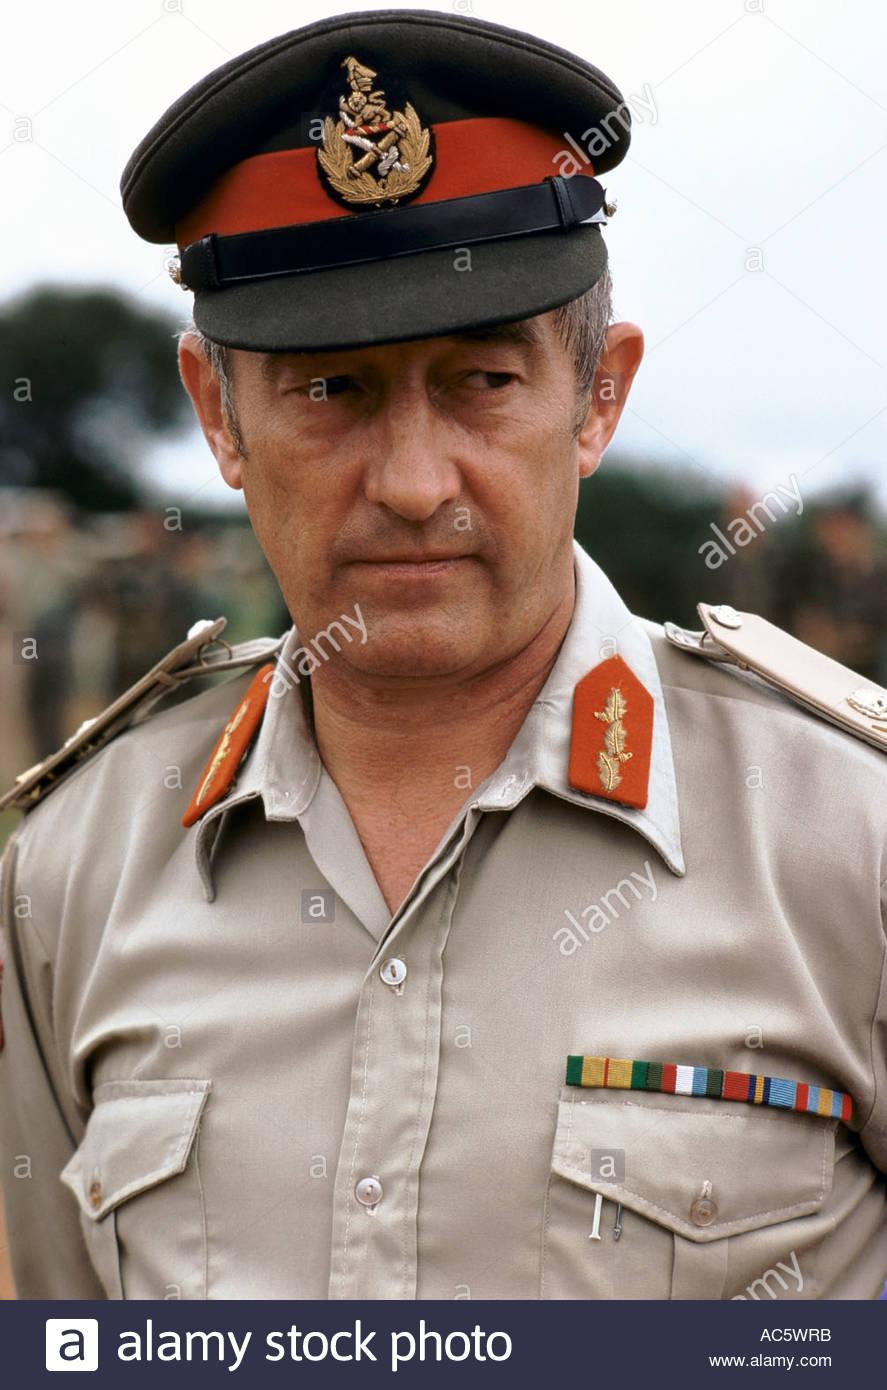 general-alexander-mcintyre-chief-of-staff-rhodesian-army-1980-1980-AC5WRB.jpg